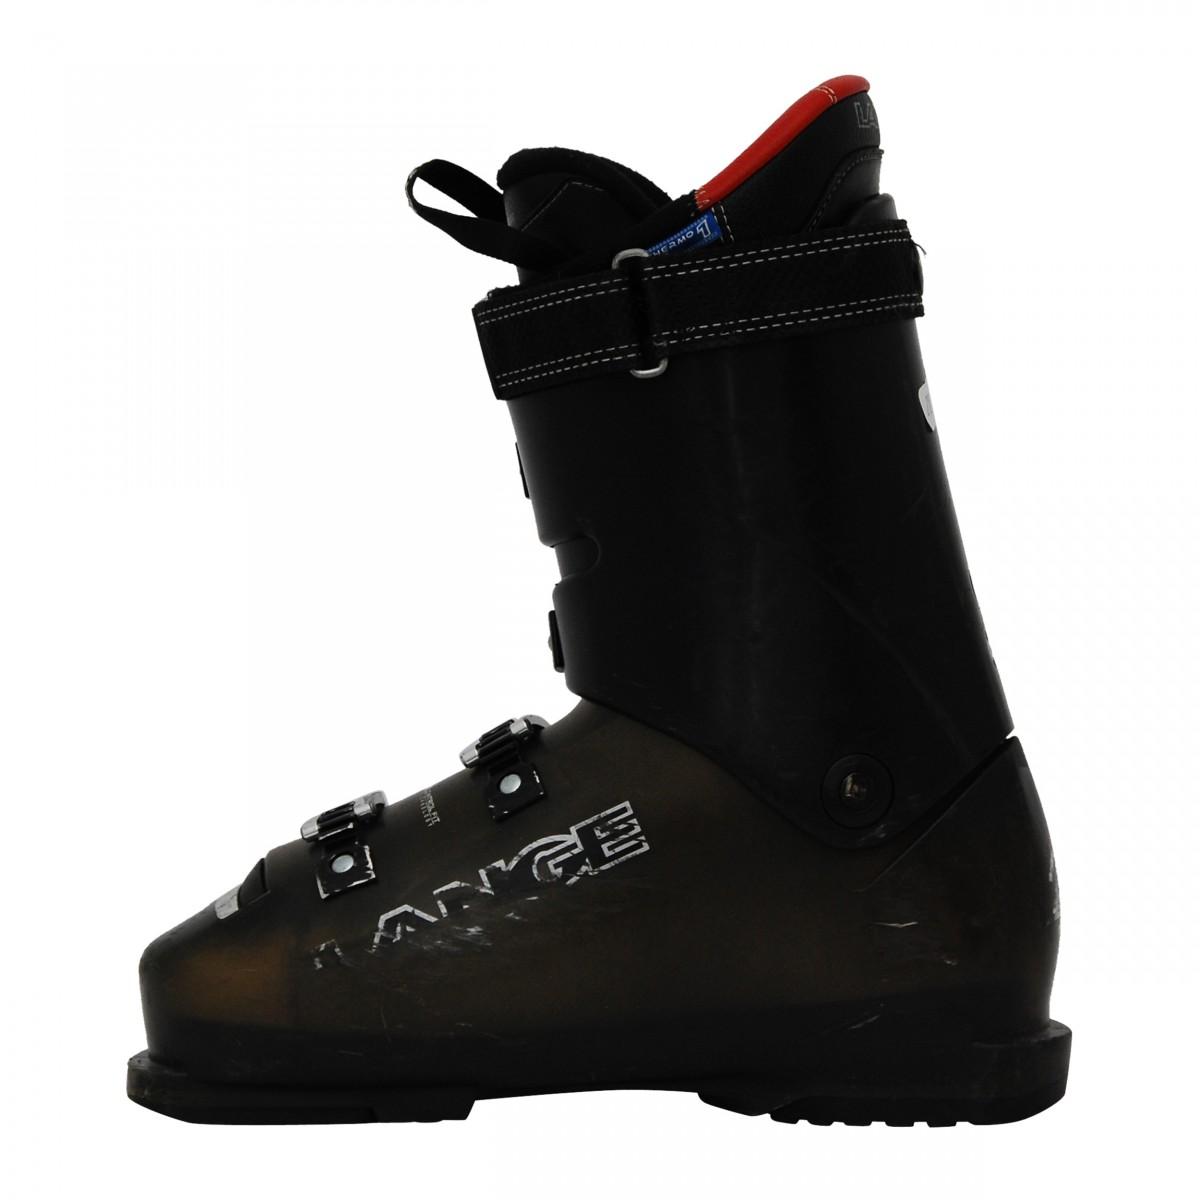 Chaussure-de-ski-occasion-Lange-RX-100-noir miniature 4